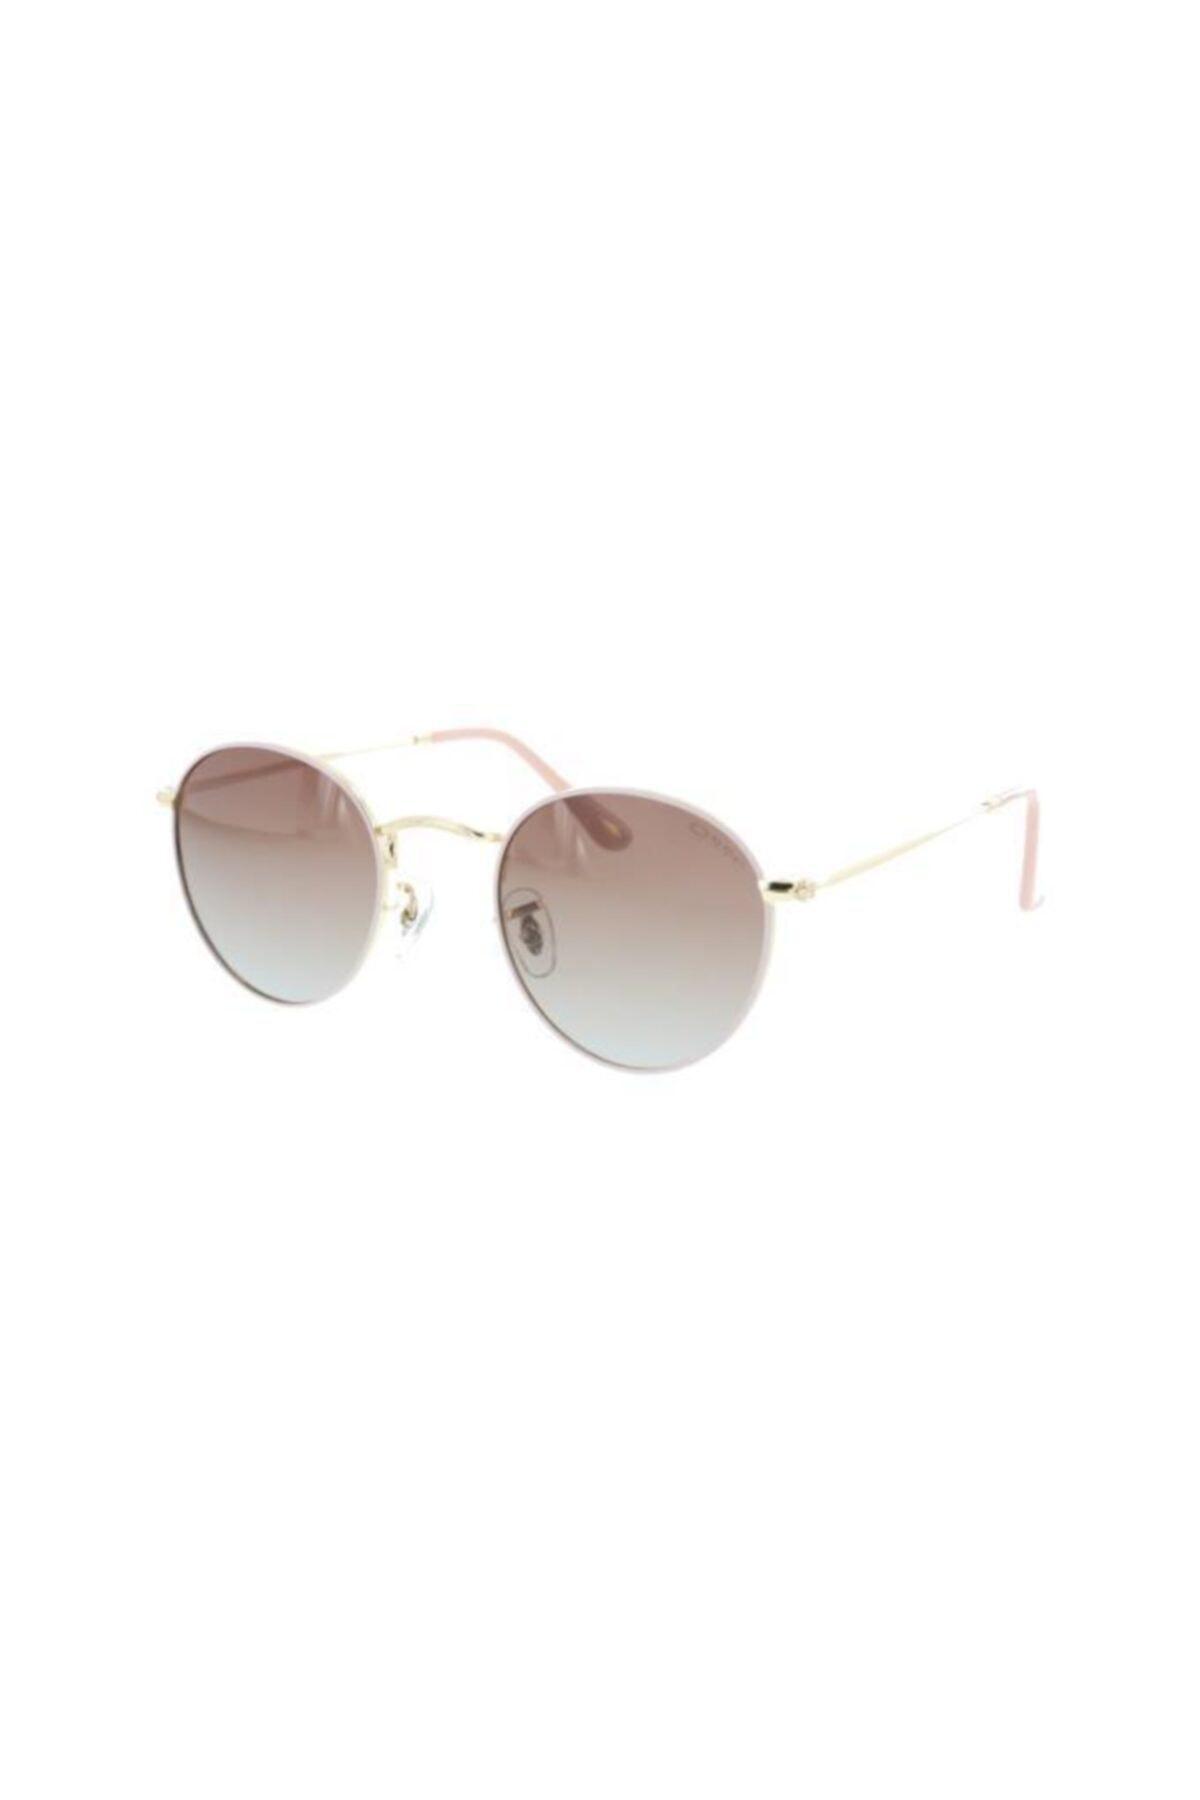 عینک آفتابی جدید بچه گانه پسرانه شیک برند Osse Kids کد ty4949784